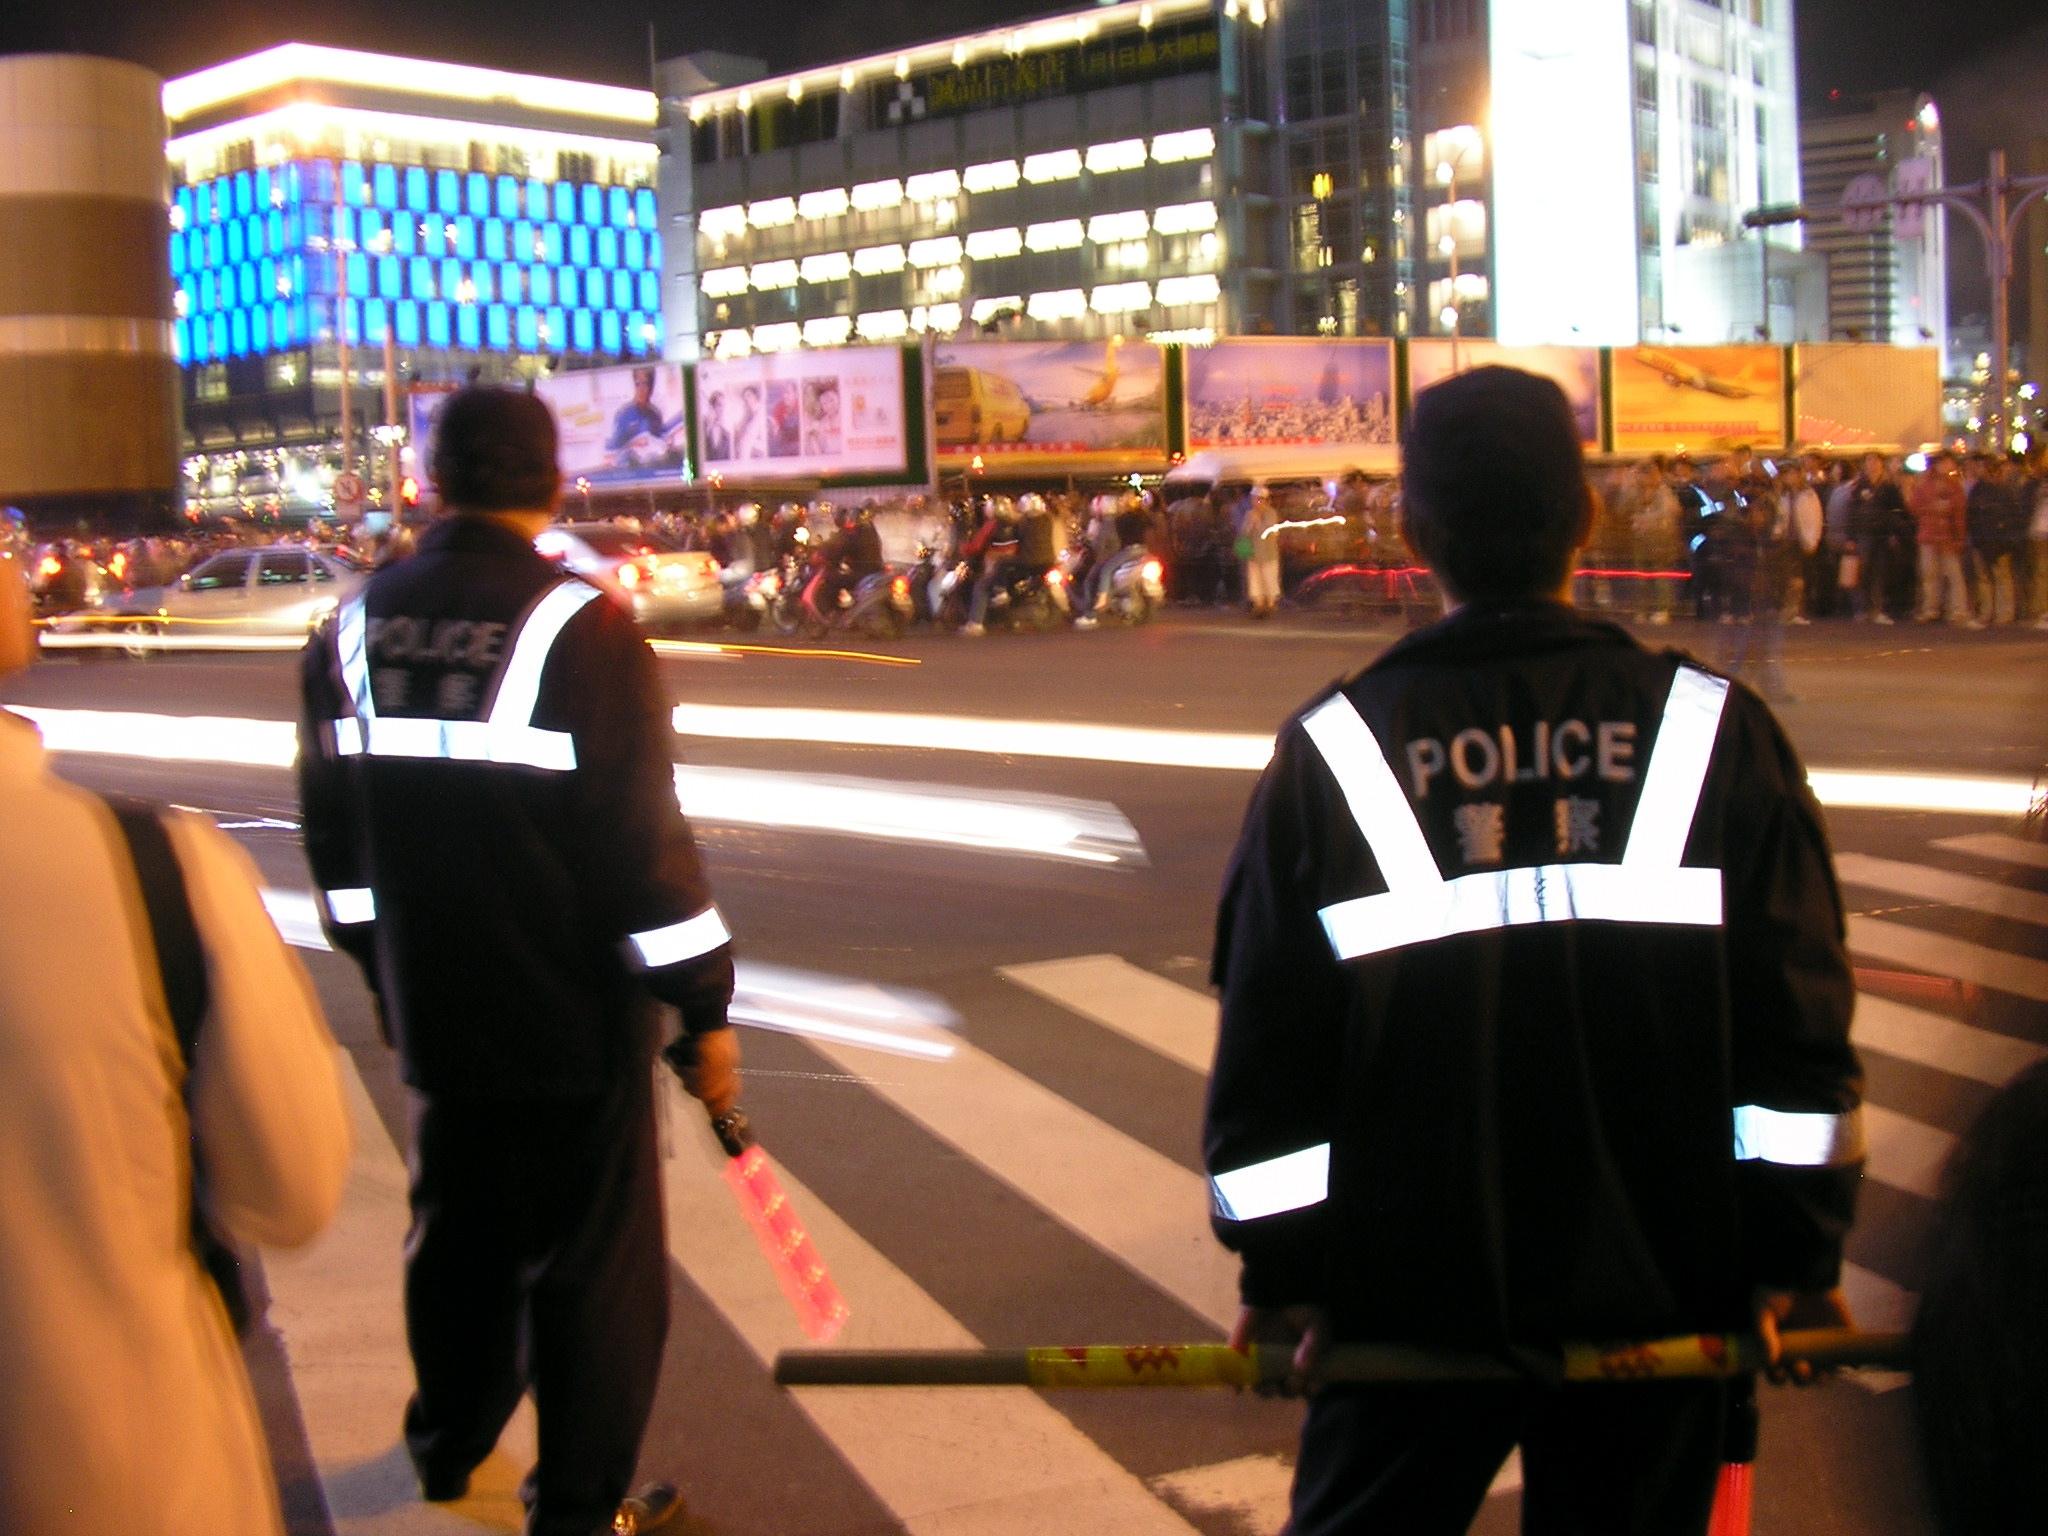 106年警察、鐵路等考試暫定考試類科組公告